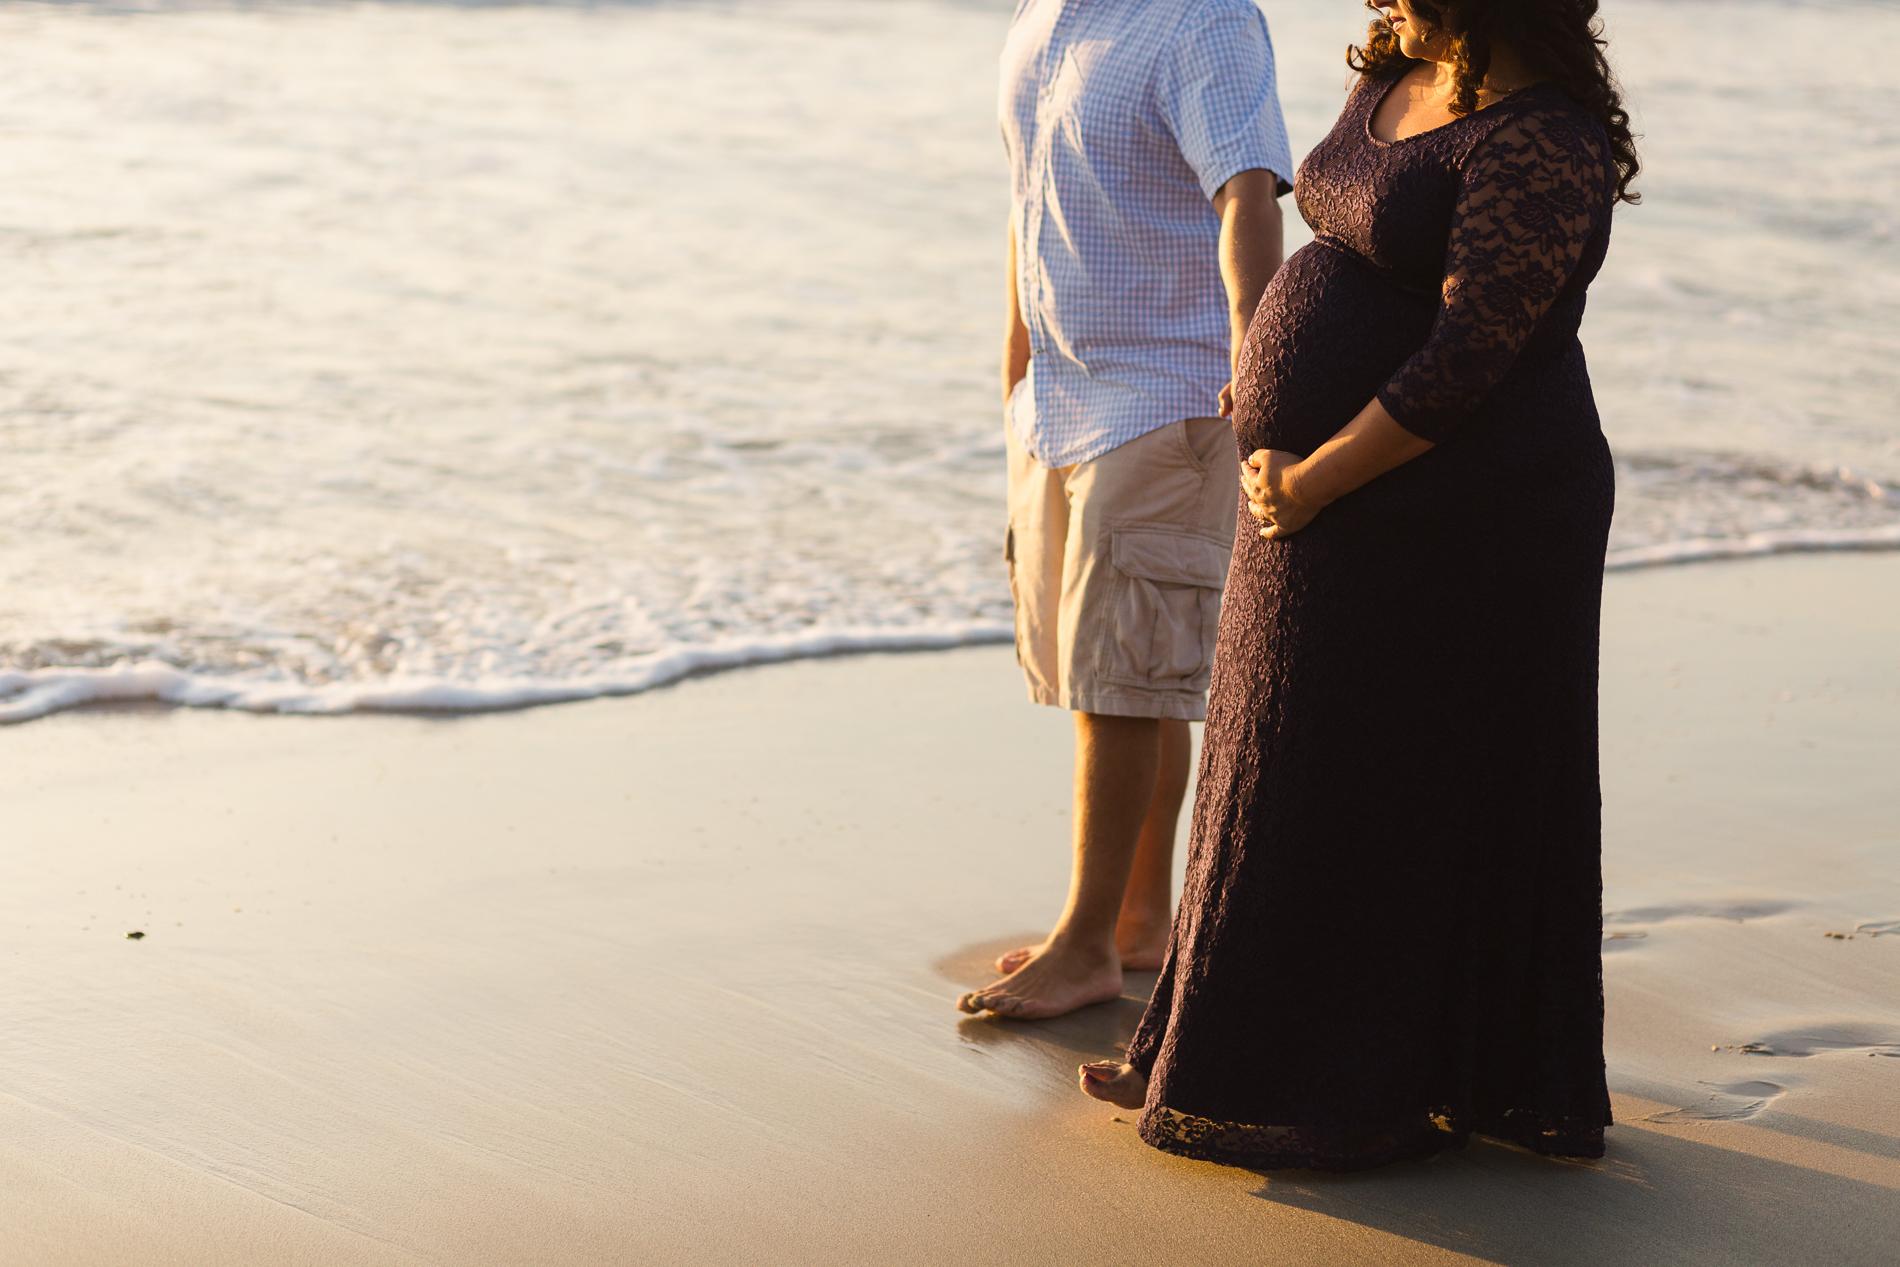 San Diego Maternity Photographer Christine Dammann Photography Couple on beach 3